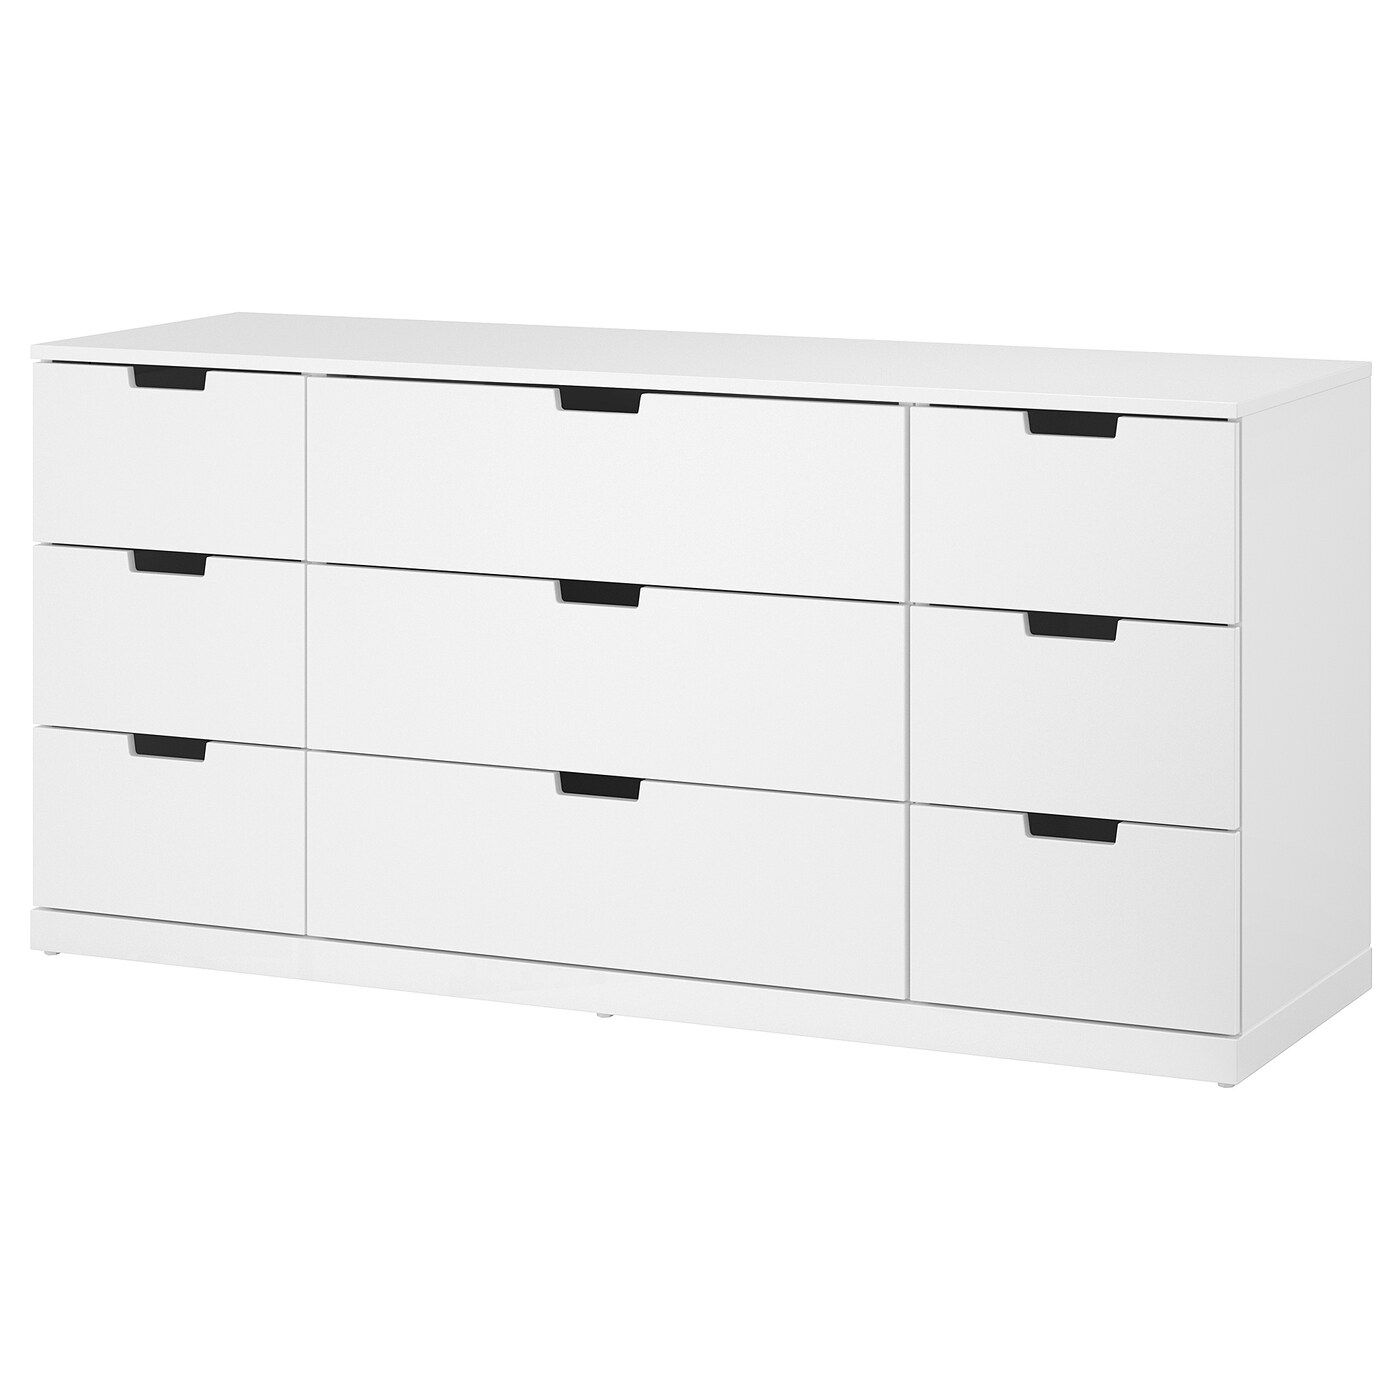 Nordli Kommode Mit 9 Schubladen Weiss Ikea Osterreich Nordli Ikea Ikea Schubladen Und Schubladen